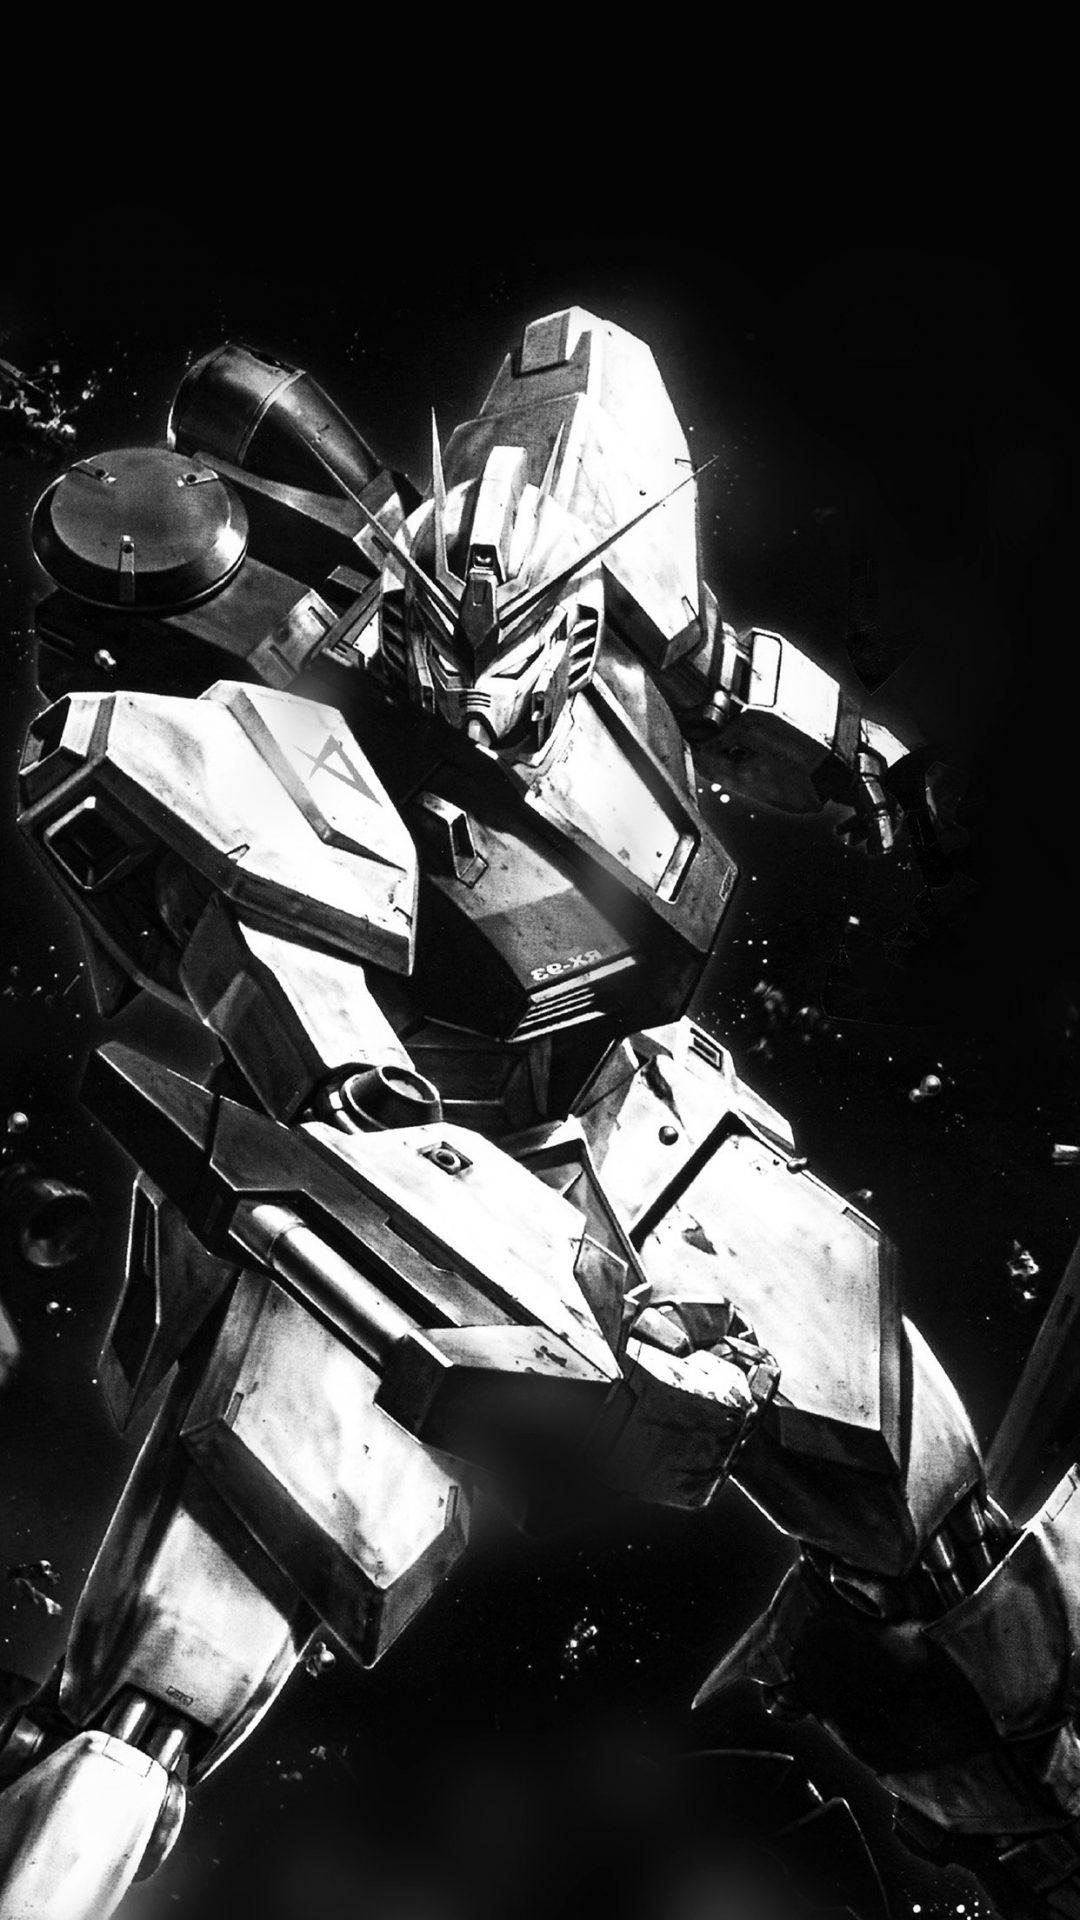 Gundam Rx Illust Toy Space Art Dark